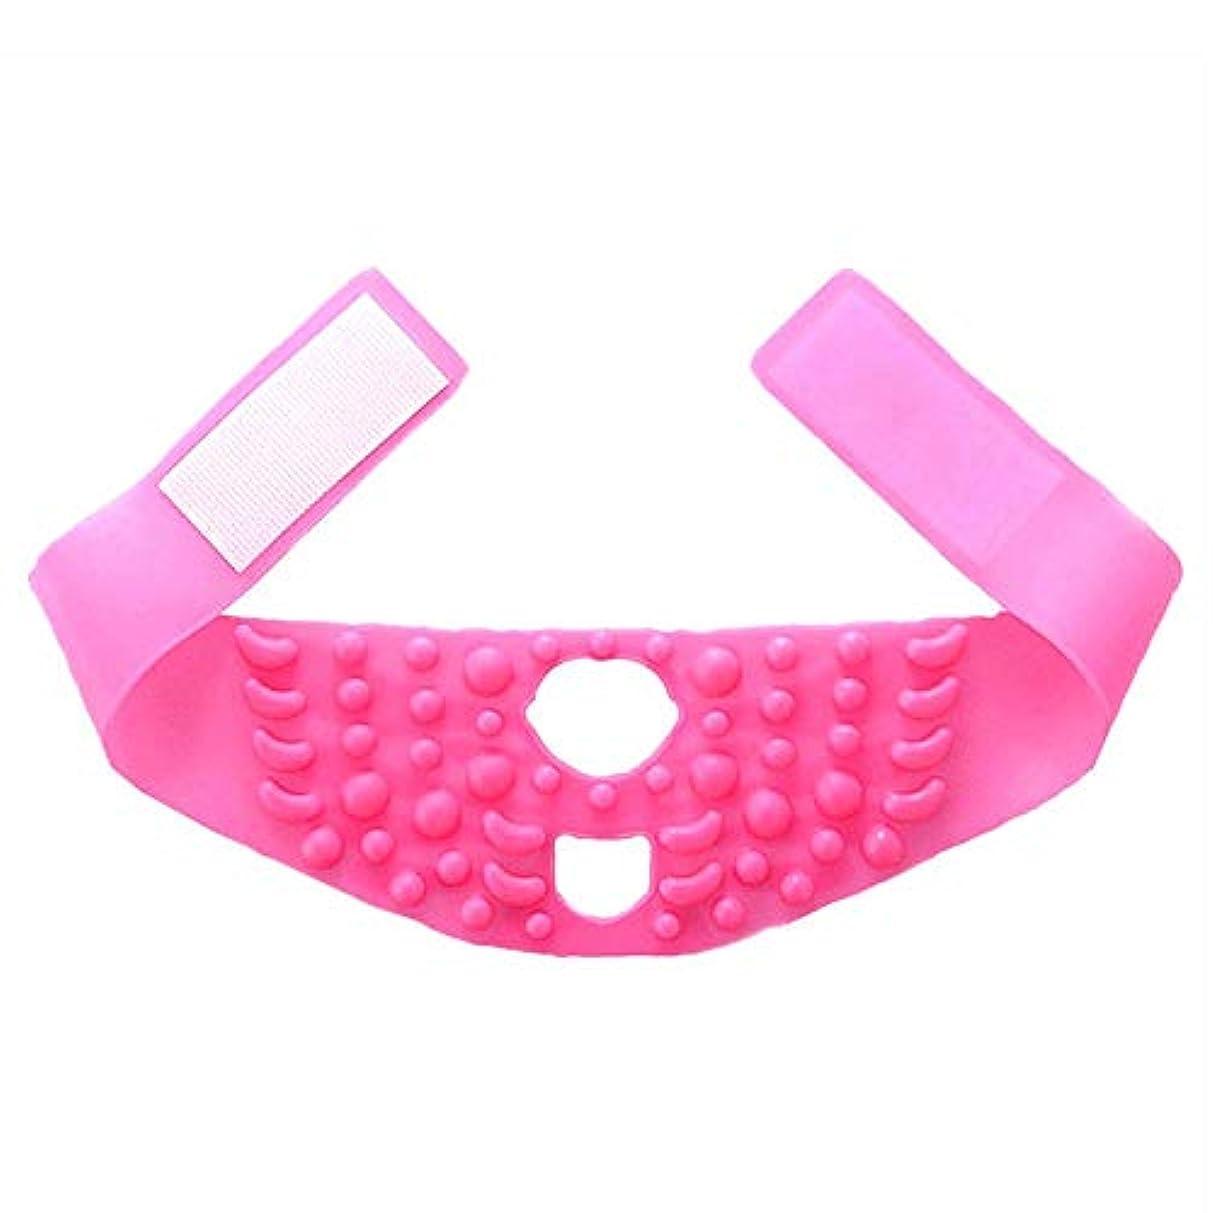 忠誠声を出してパット飛強強 シンフェイスマスクシリコーンマッサージ引き締まった形の小さなVフェイスリフティングに薄いフェイスアーティファクト包帯を飾る - ピンク スリムフィット美容ツール